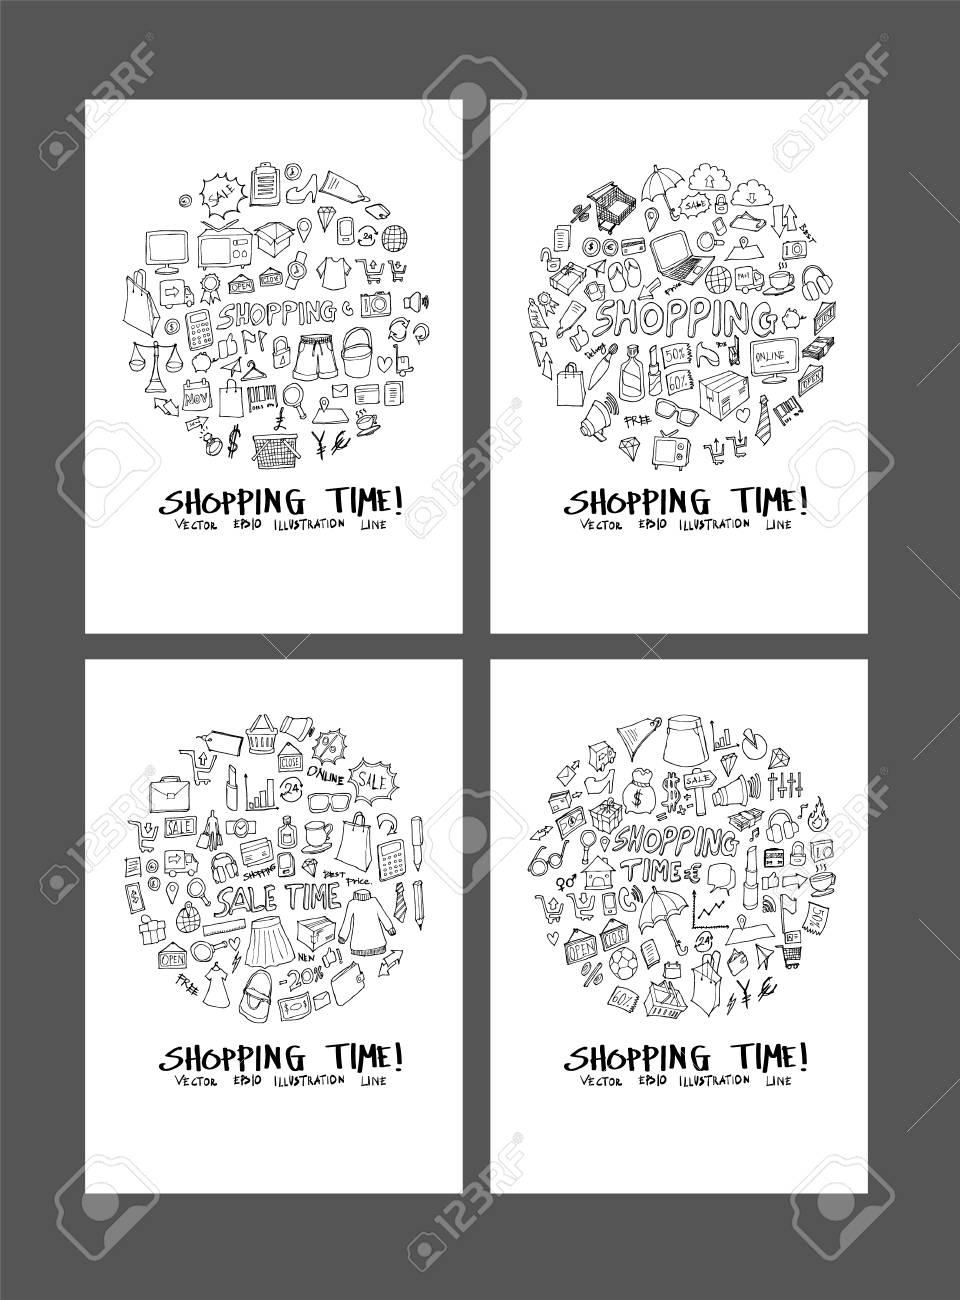 紙壁紙背景線スケッチスタイルセットにショッピング落書きイラストサークルフォームのイラスト素材 ベクタ Image